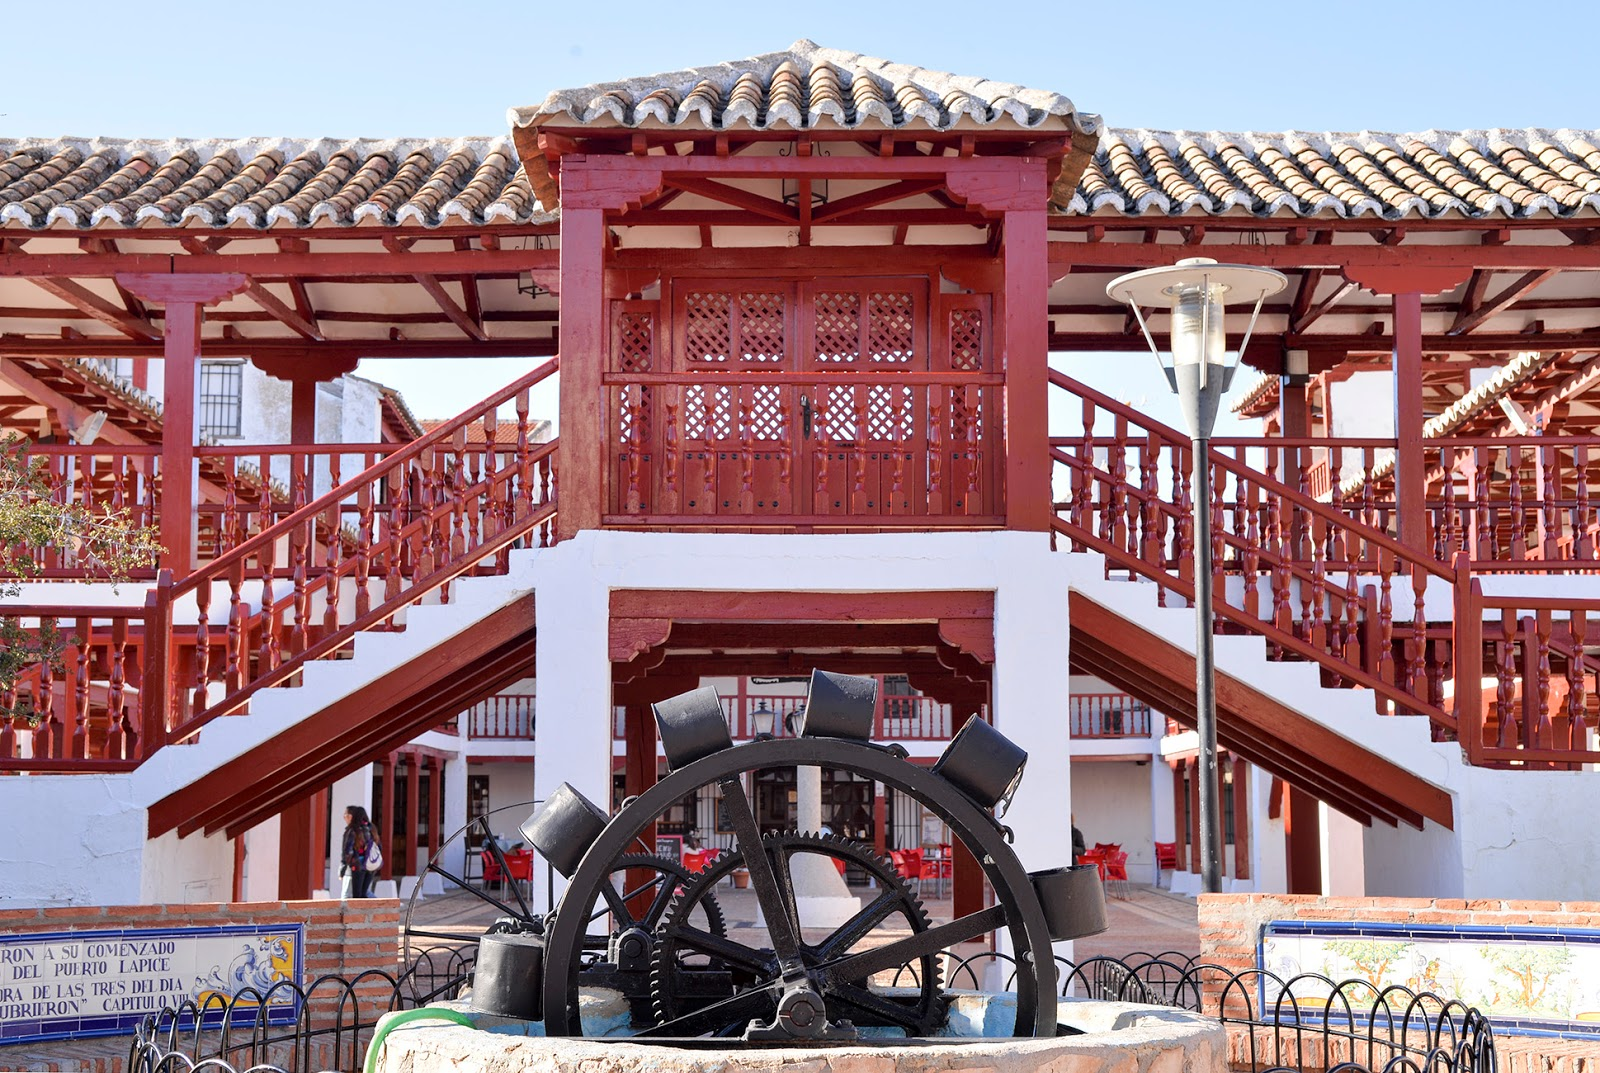 puerto lapice ciudad real venta quijote quixote la mancha